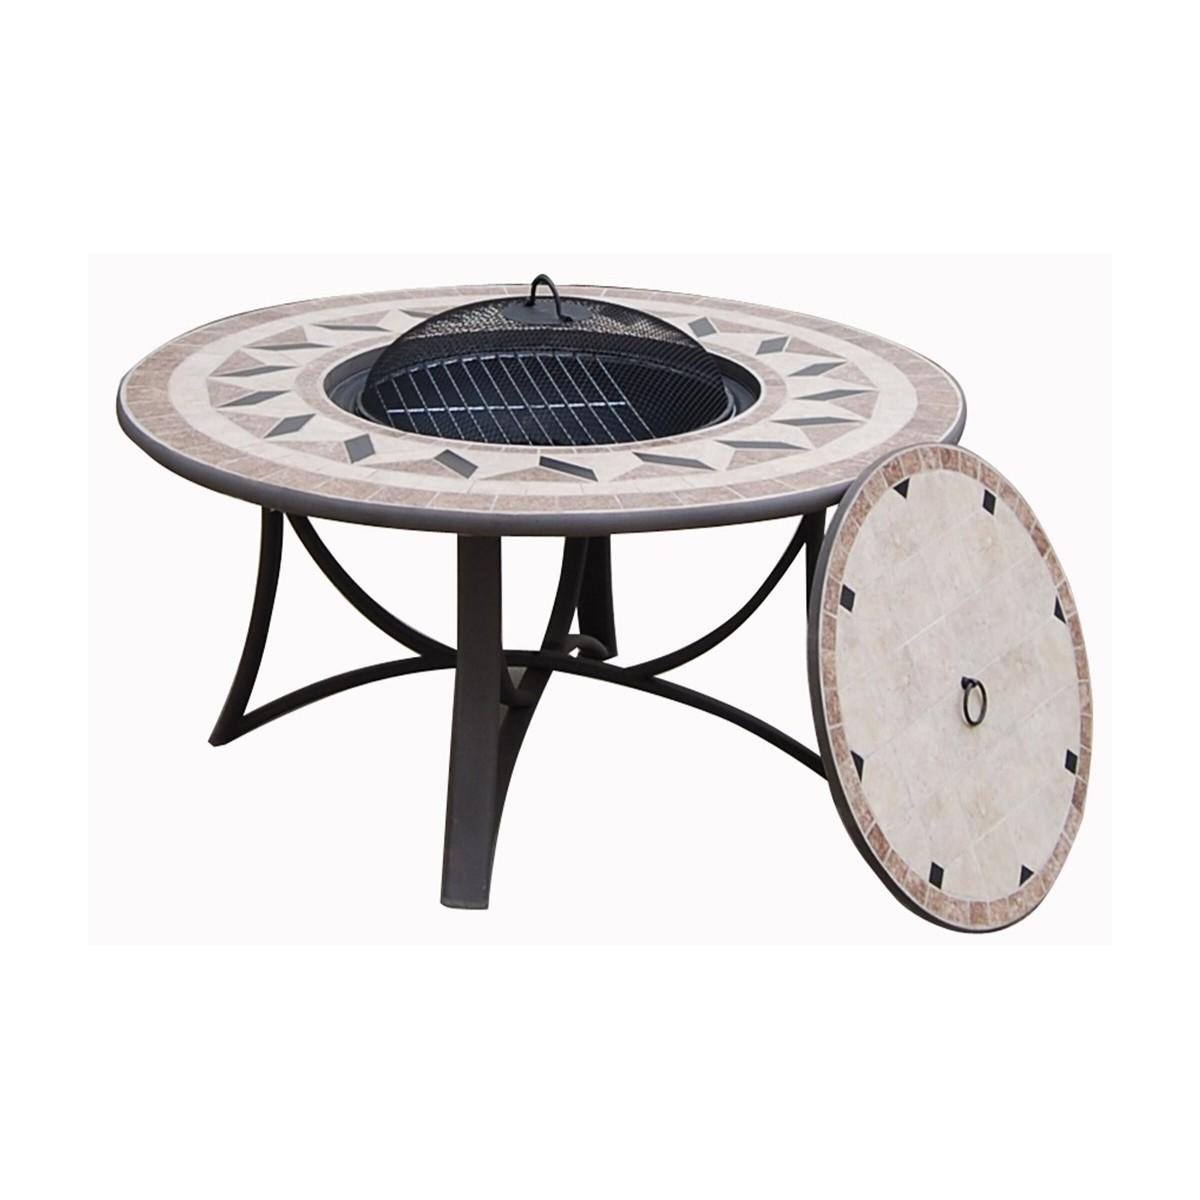 table de jardin basse ronde hawai aspect fer forge et mosaique noir beige amp story 4090